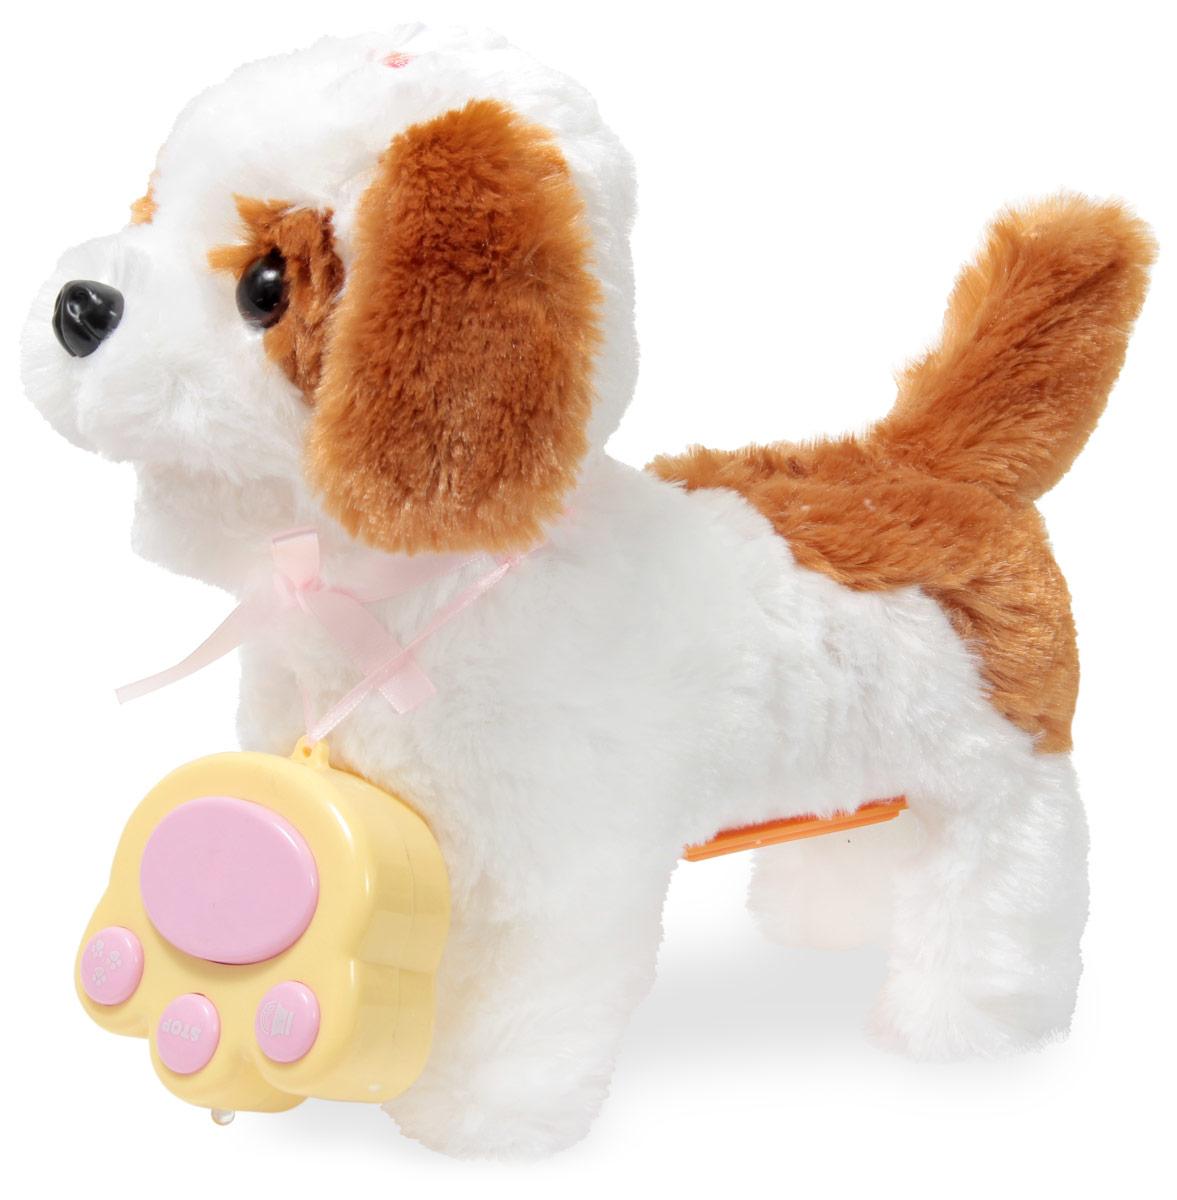 LAPA House Мягкая игрушка Собака АдельJX-1514Интерактивный щенок Адель, управляется с помощью пульт, ходит вперед, останавливается, лает и виляет хвостиком, совсем как настоящая собака. Если с собачкой не играть некоторое время, она отключается автоматически, чтобы включить игрушку нажмите на кнопку на голове. Адель станет лучшим другом вашему малышу.